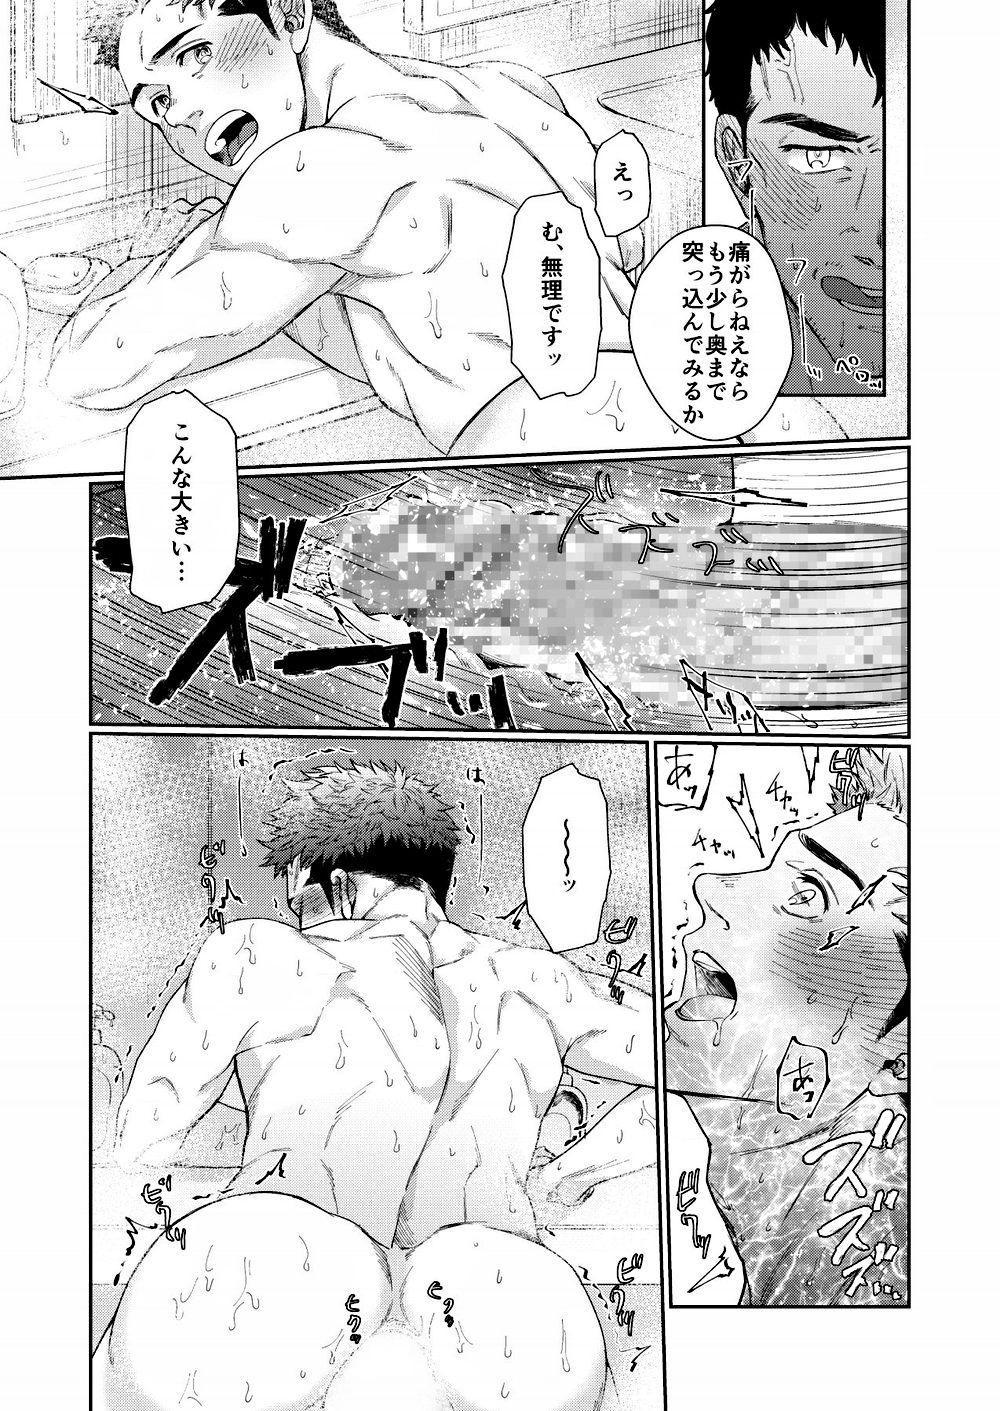 Kamishimo o nuide hitotsu bureikō 24